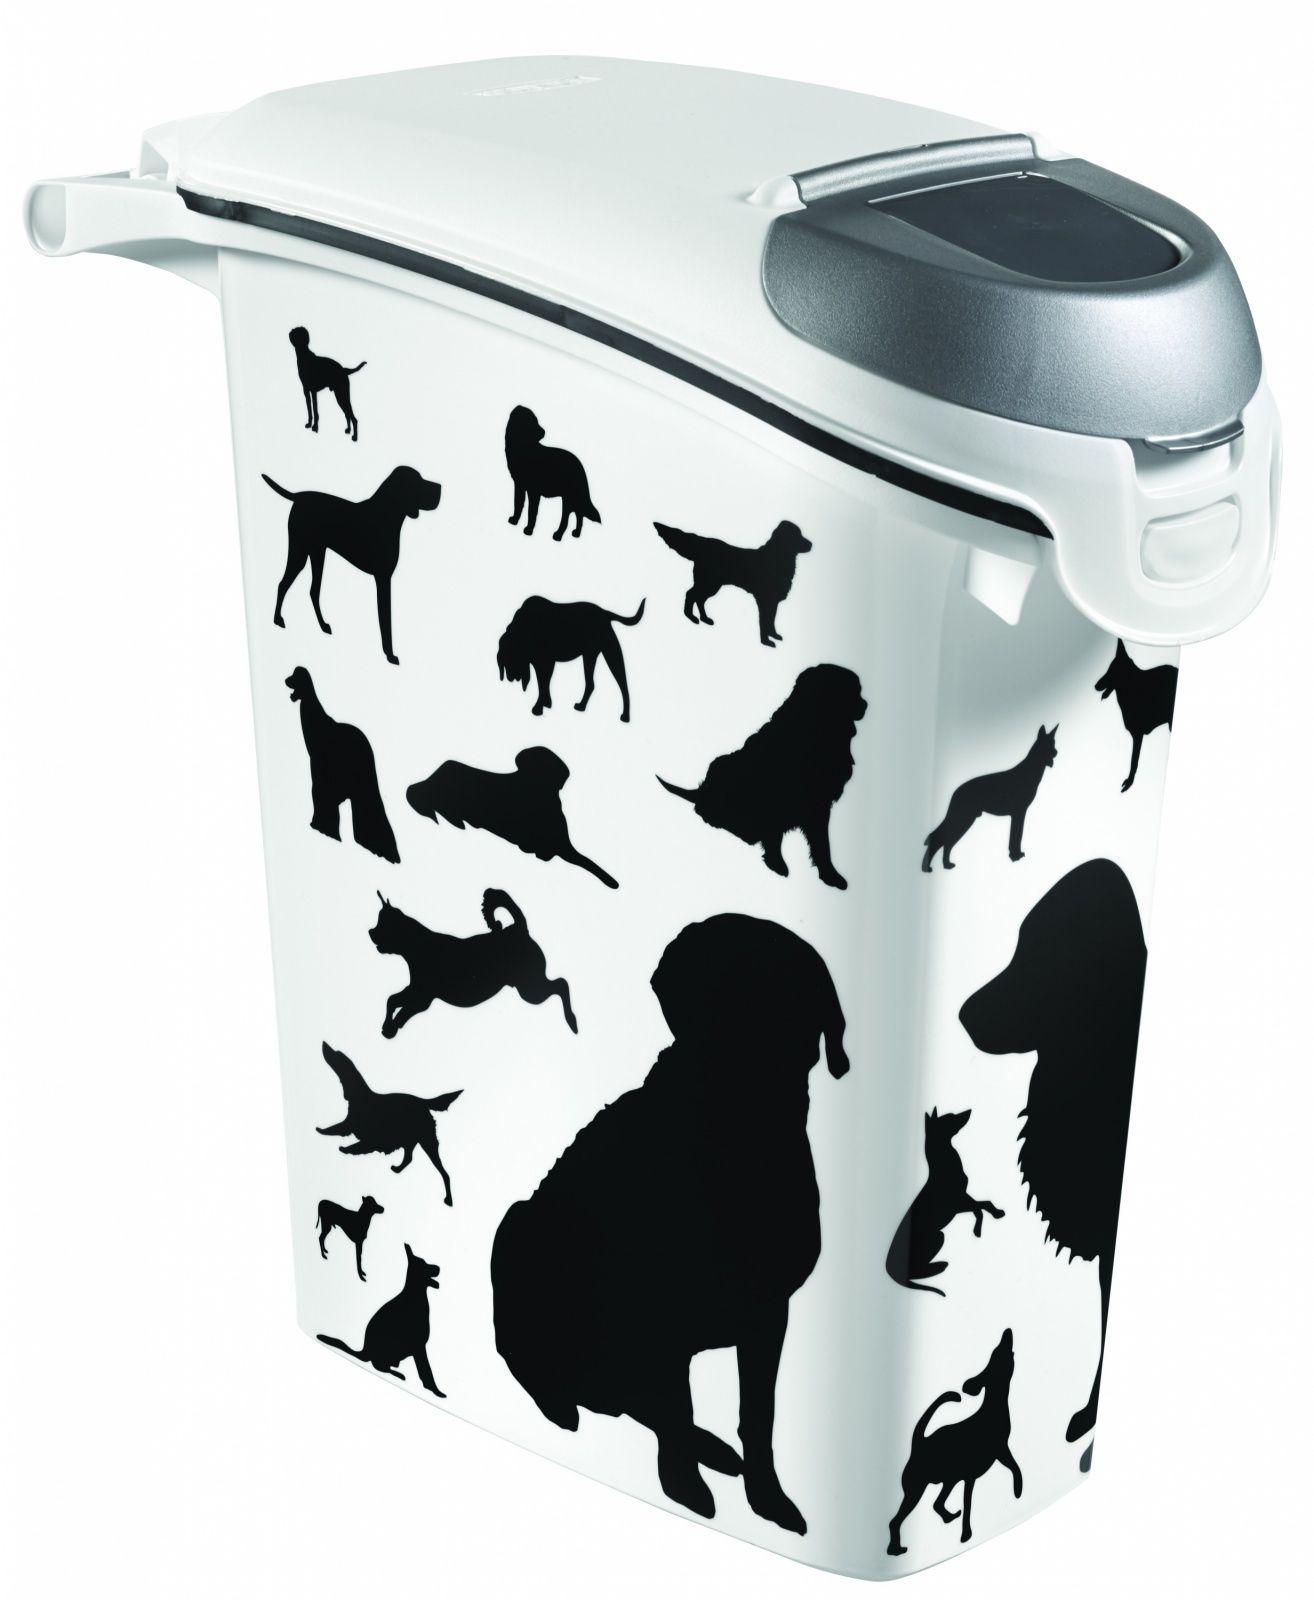 """Контейнер для корма """"Собаки"""", черно-белый, на 10кг/23л, 23*50*50см (210341) от Ravta"""